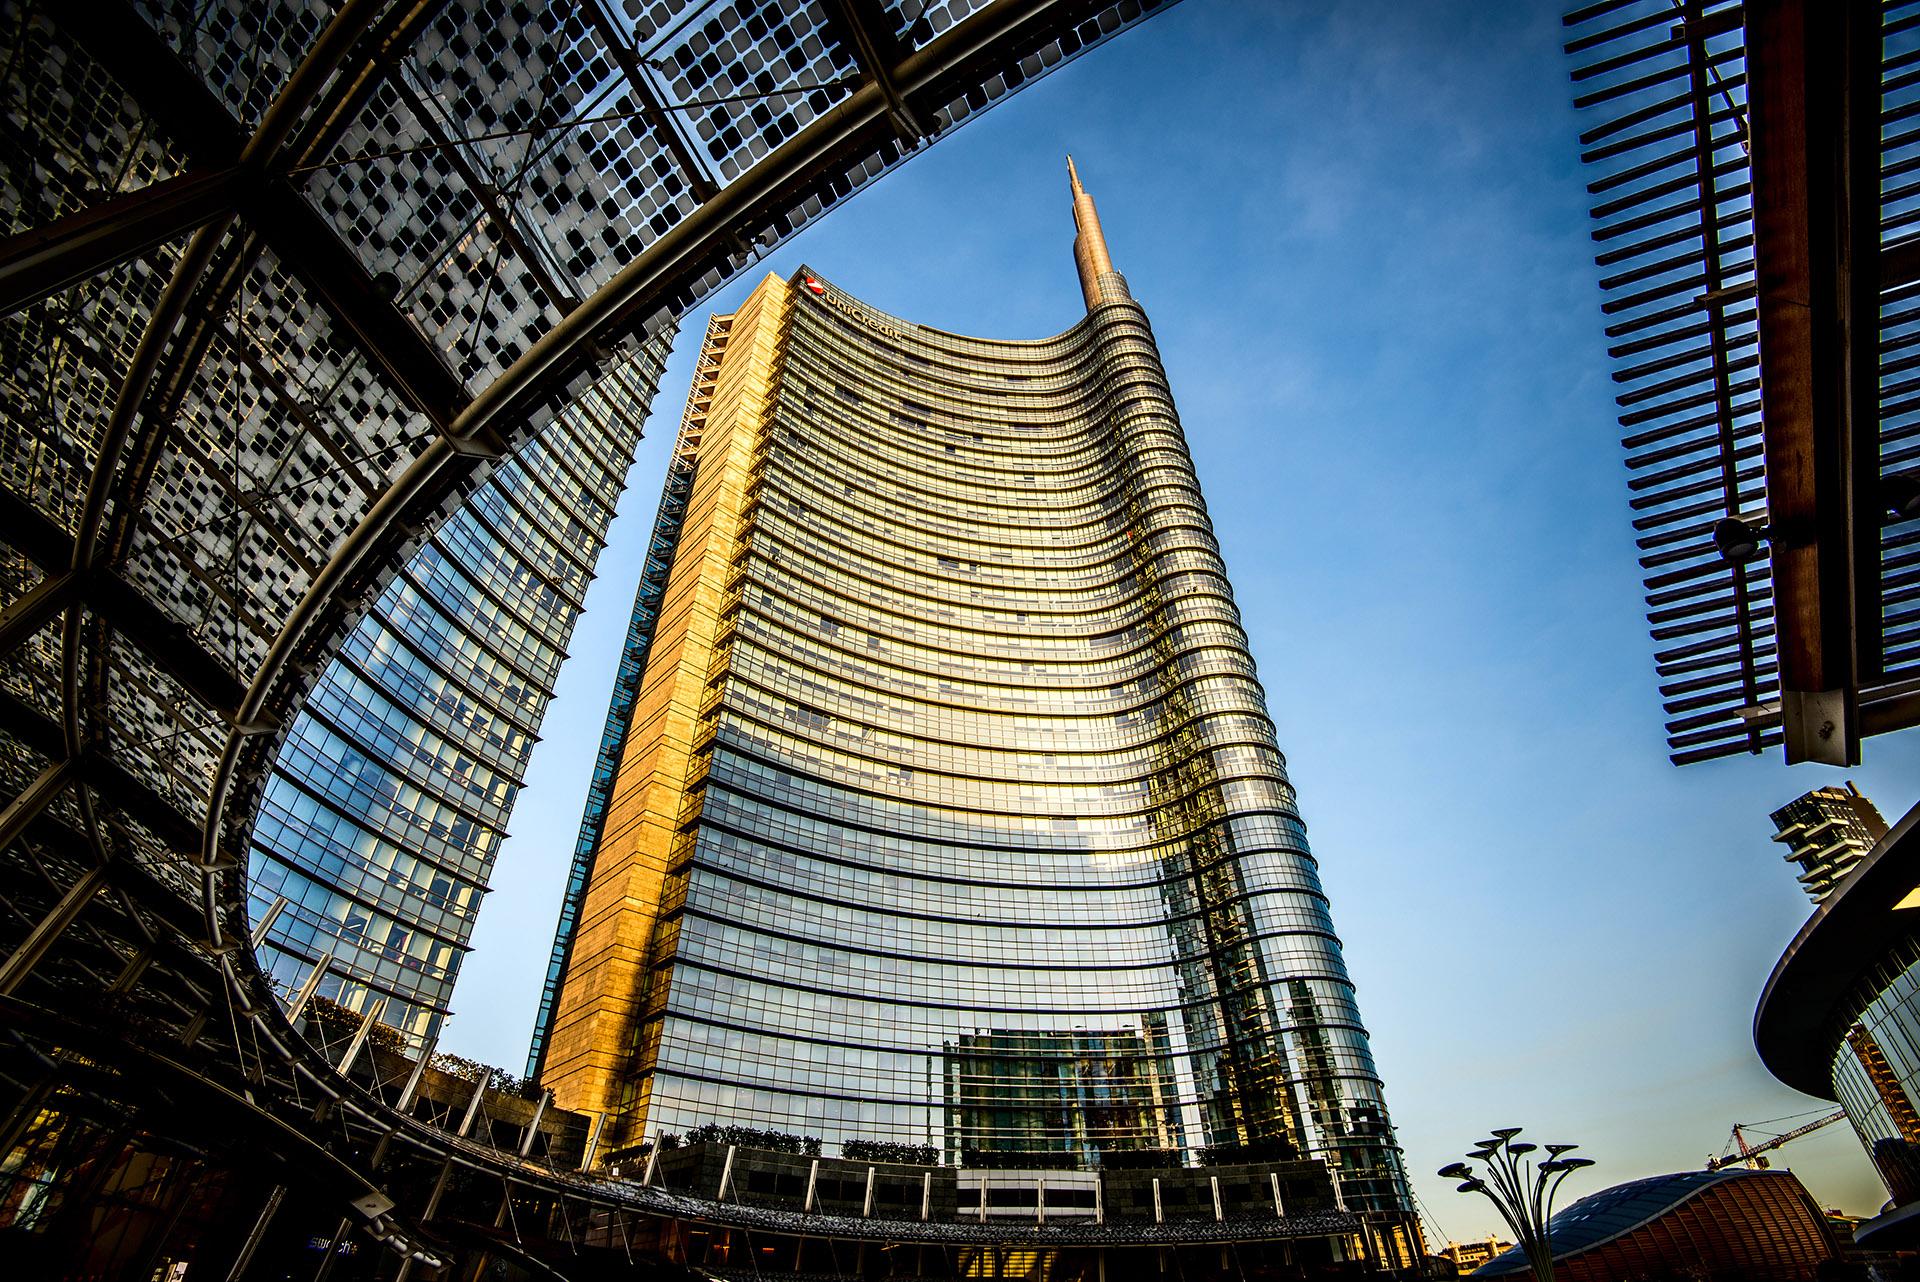 En Milán, Pelli diseñó la La Torre Unicredit, el edificio más alto de la ciudad de Milán. Con una altura de 231 metros, la estructura de la torre se finalizó en el 2011 y es hoy la sede del banco UniCredit